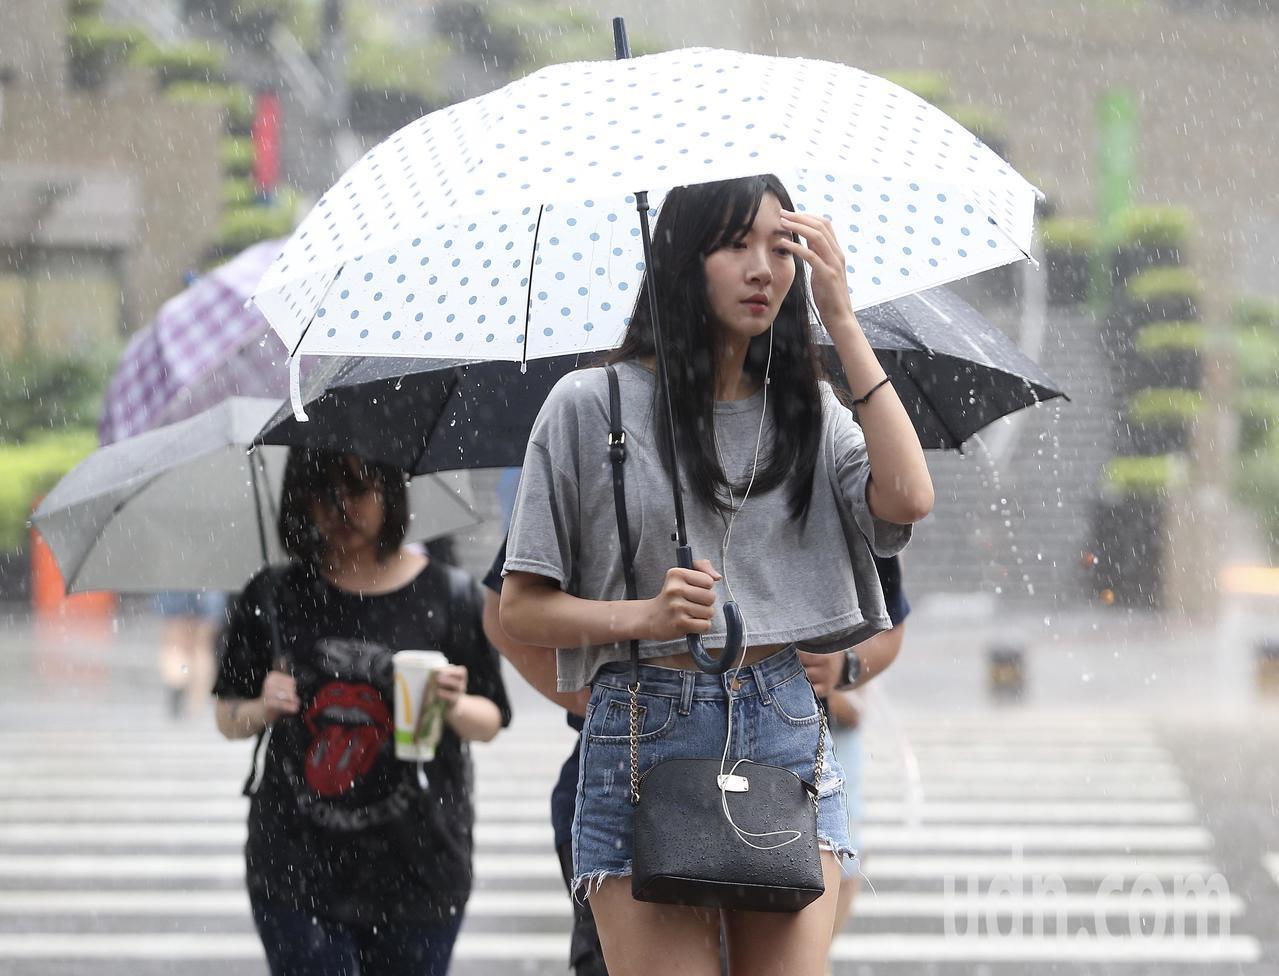 因應極端氣候,氣象局將新增短時強降雨預警制度。聯合報系資料照